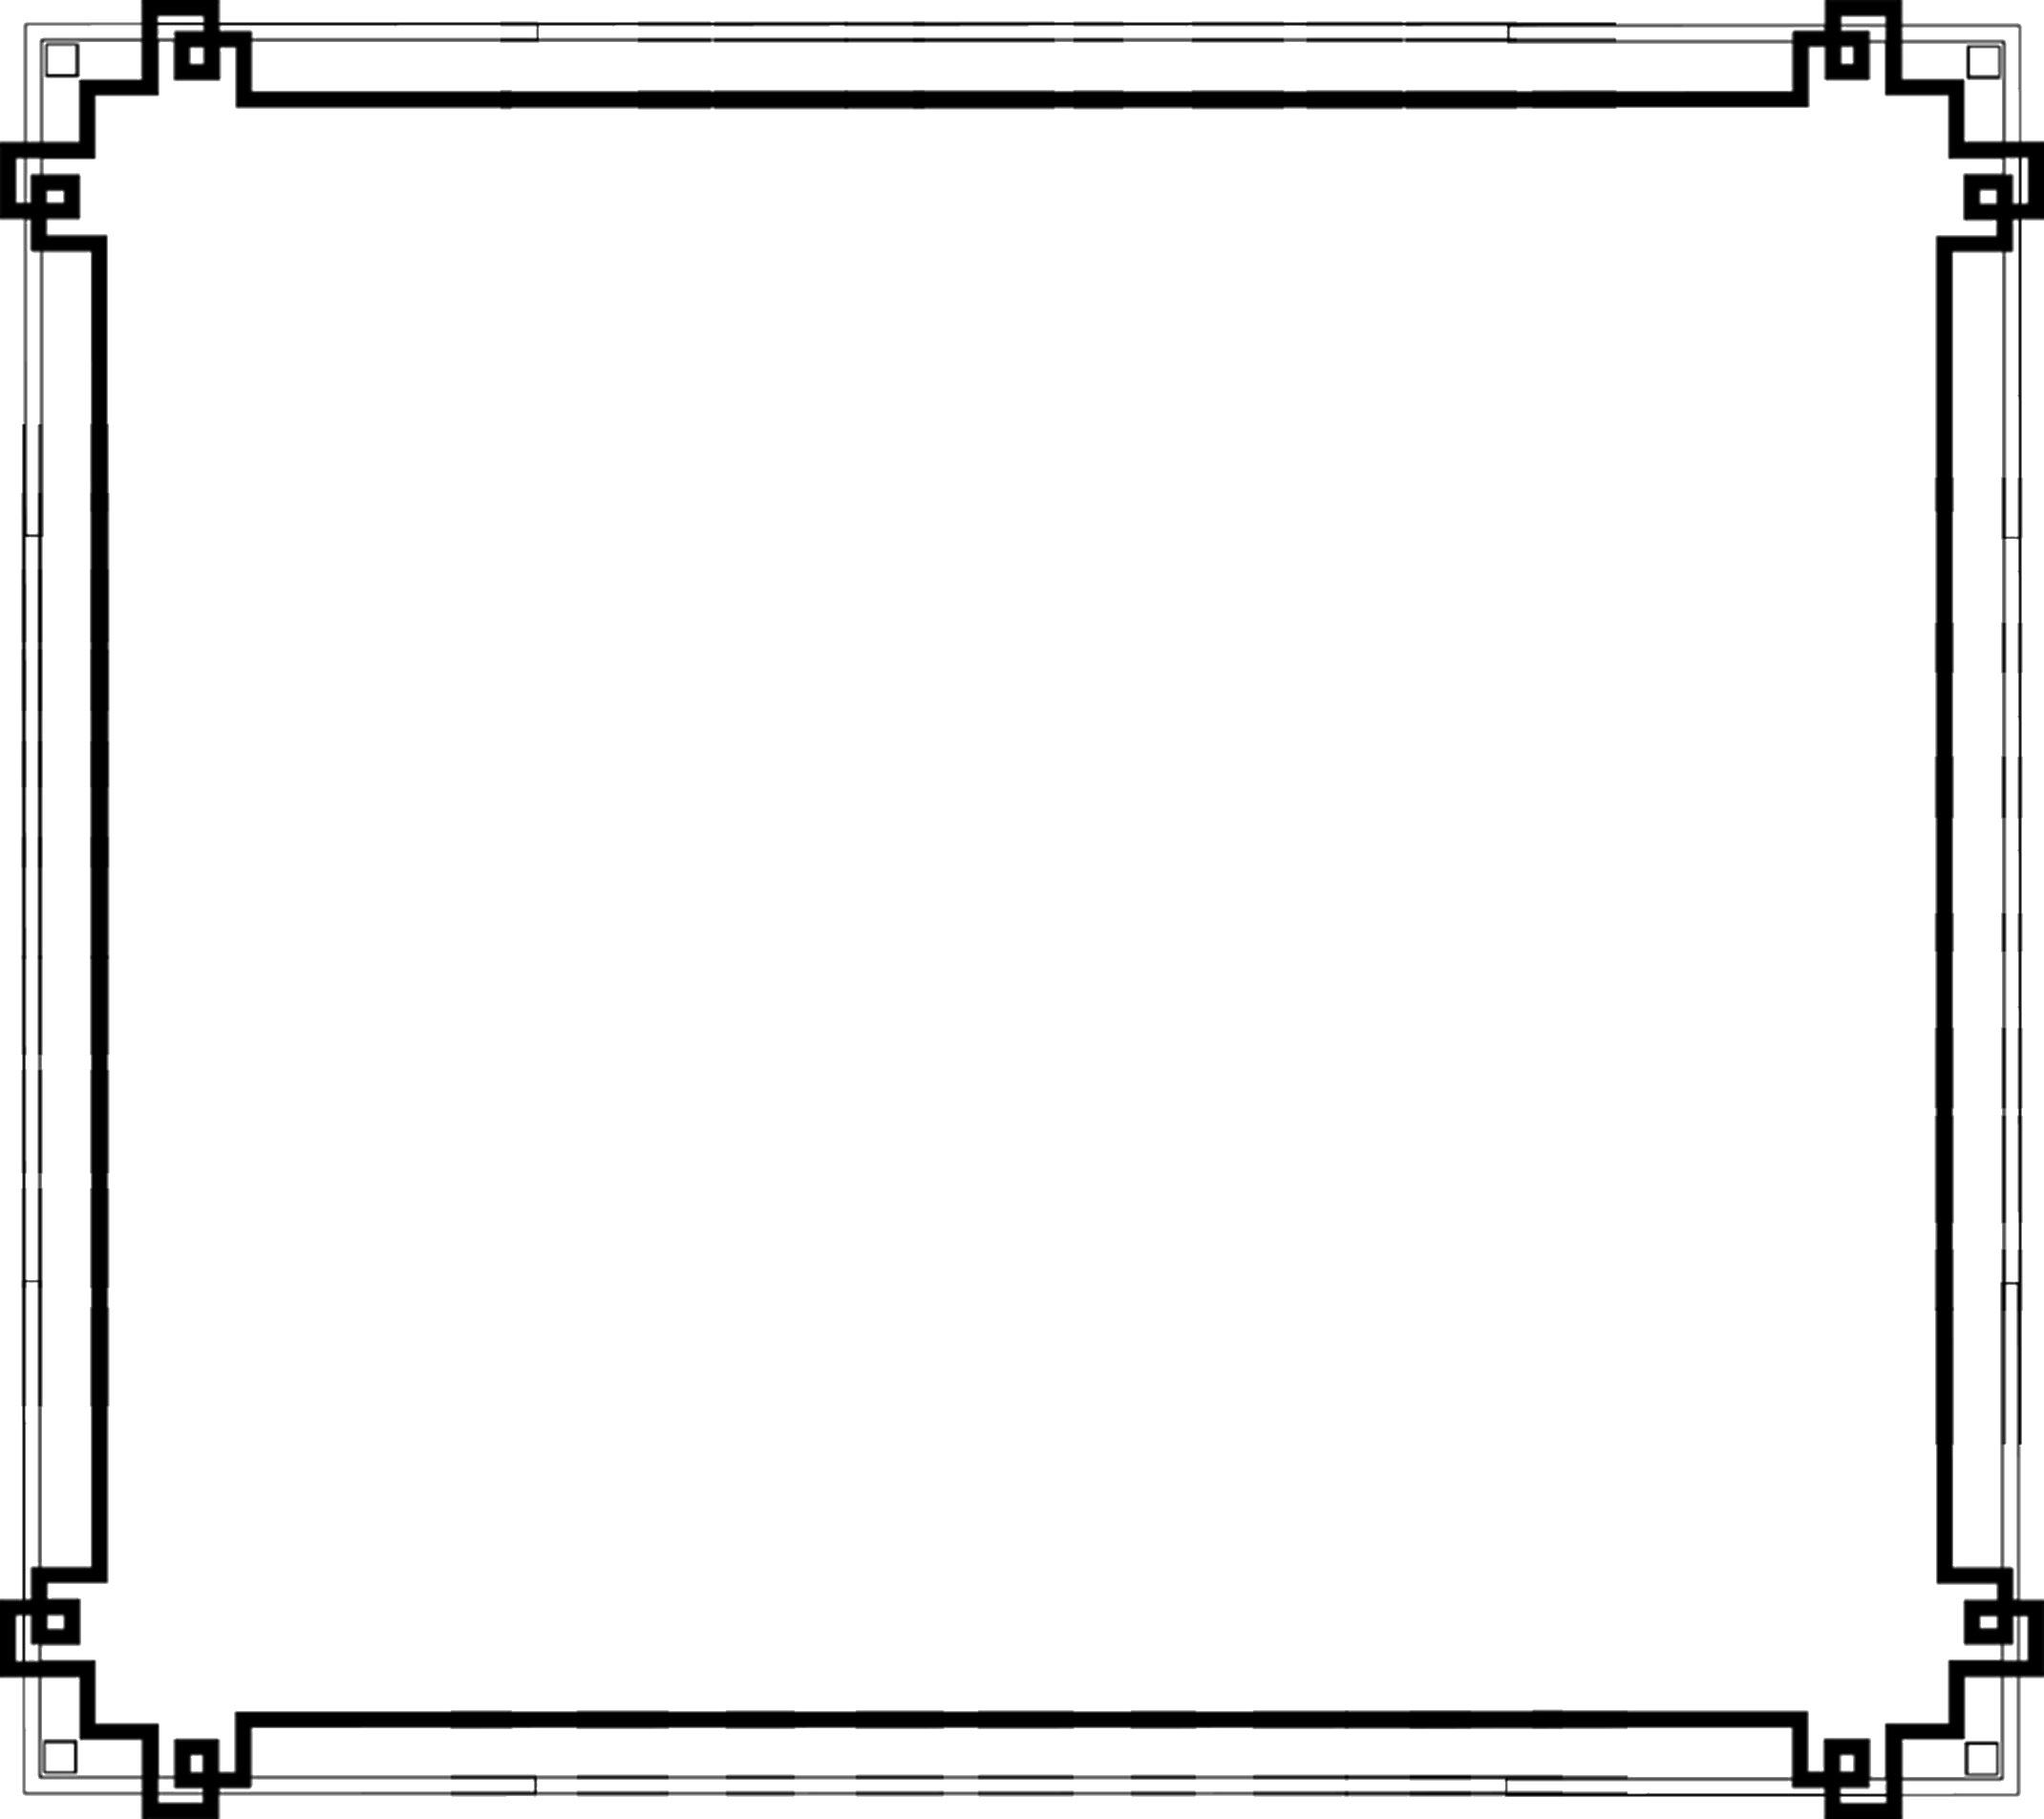 無料のフリー素材 フレーム枠タイトルカクカク